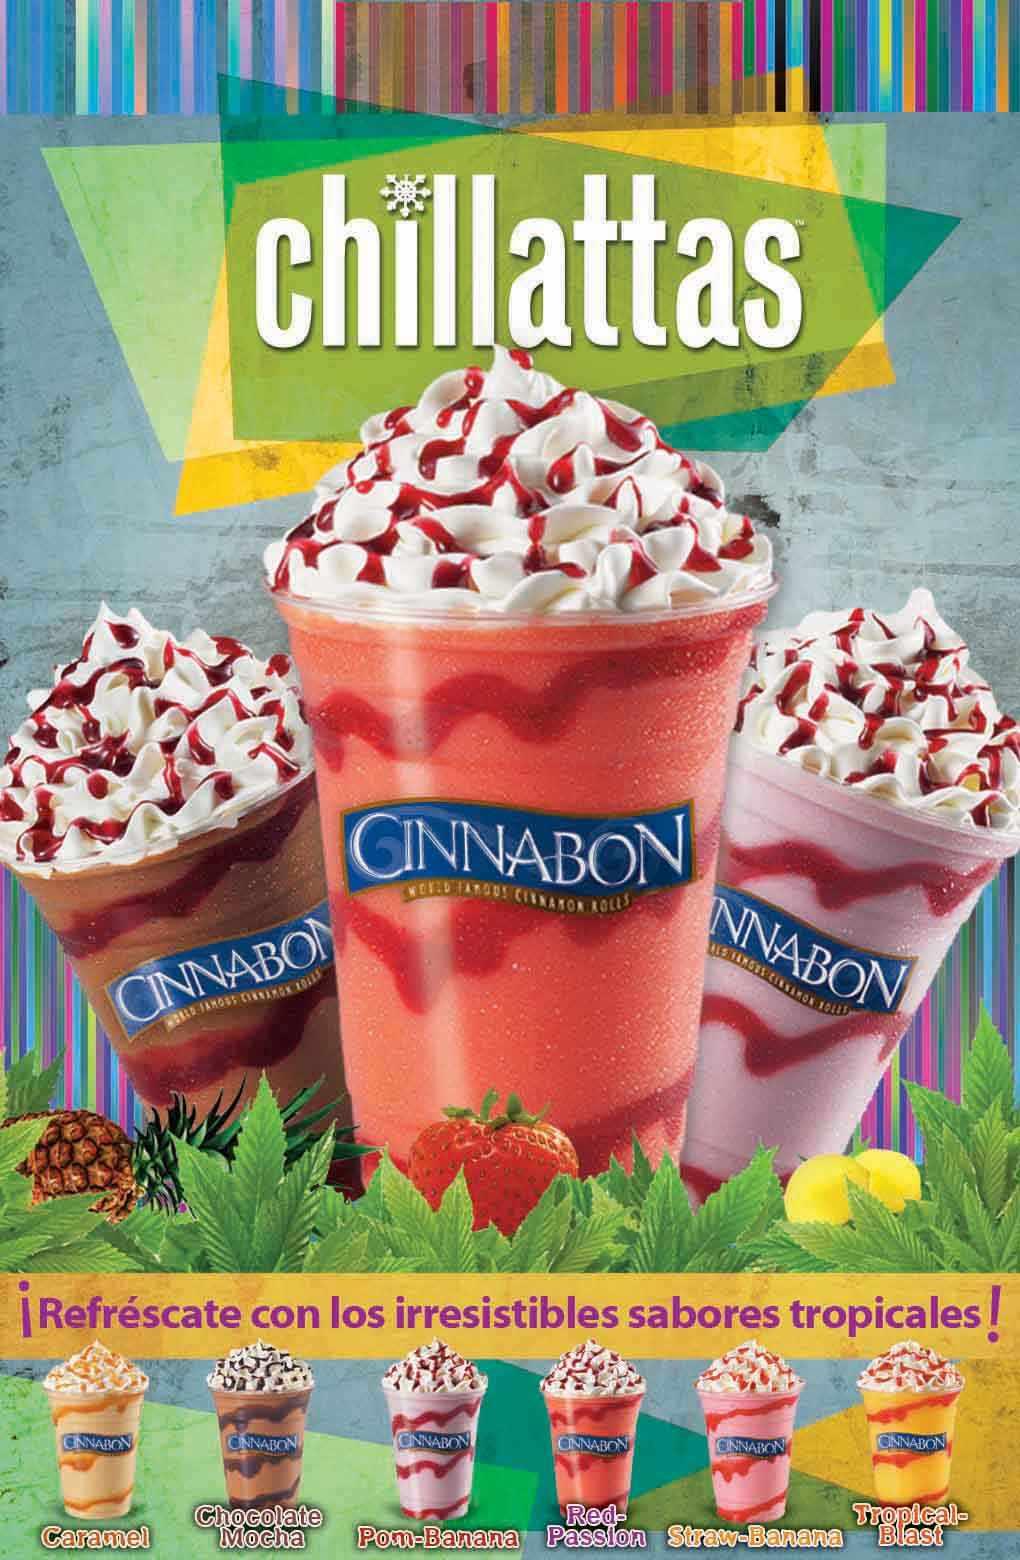 Chillata Cinnabon